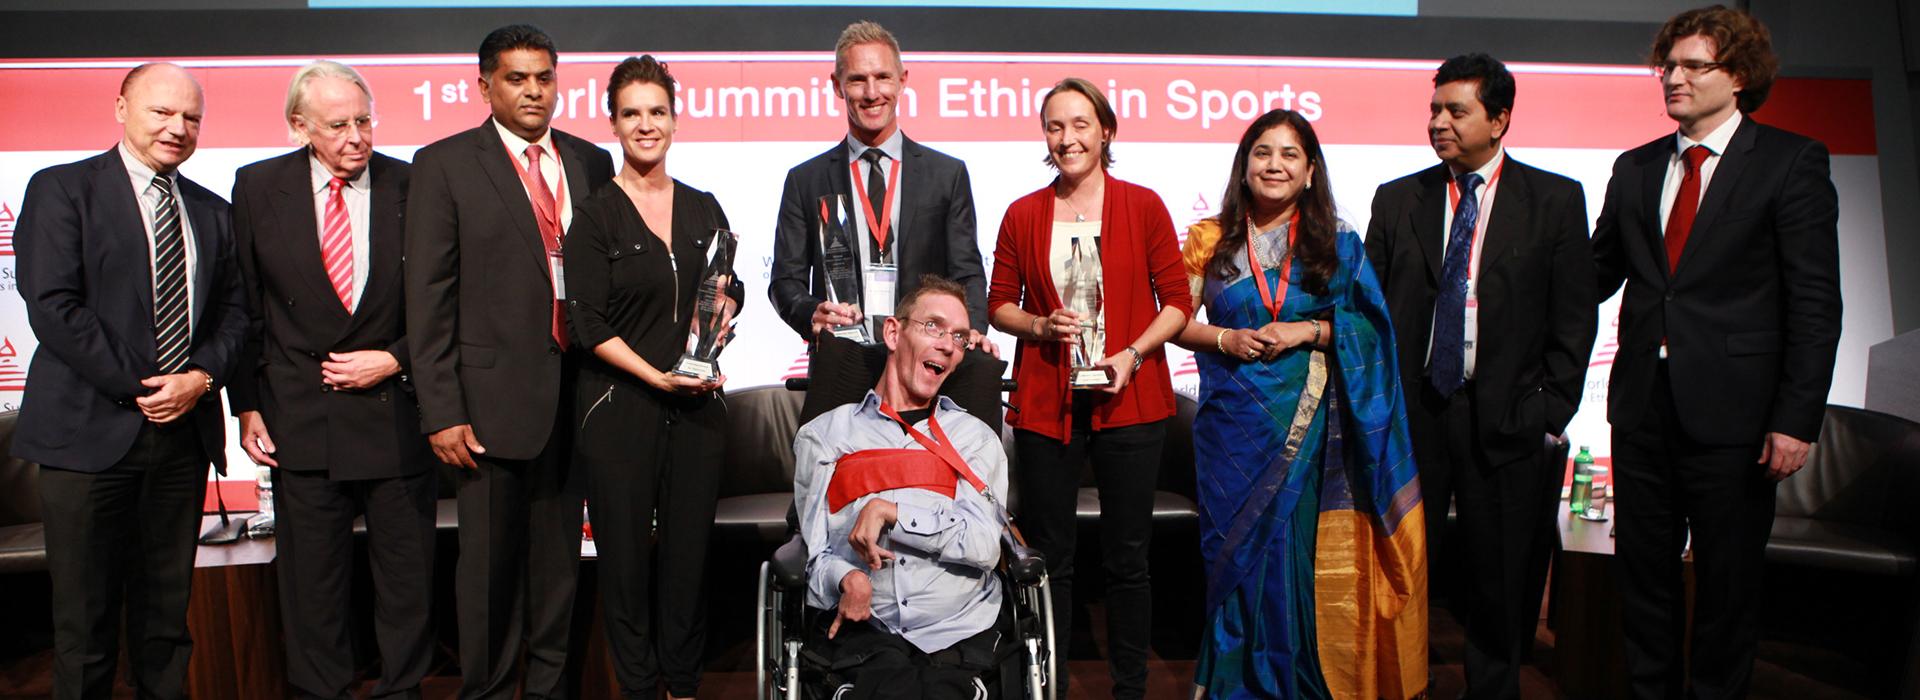 carousel3_award-winners